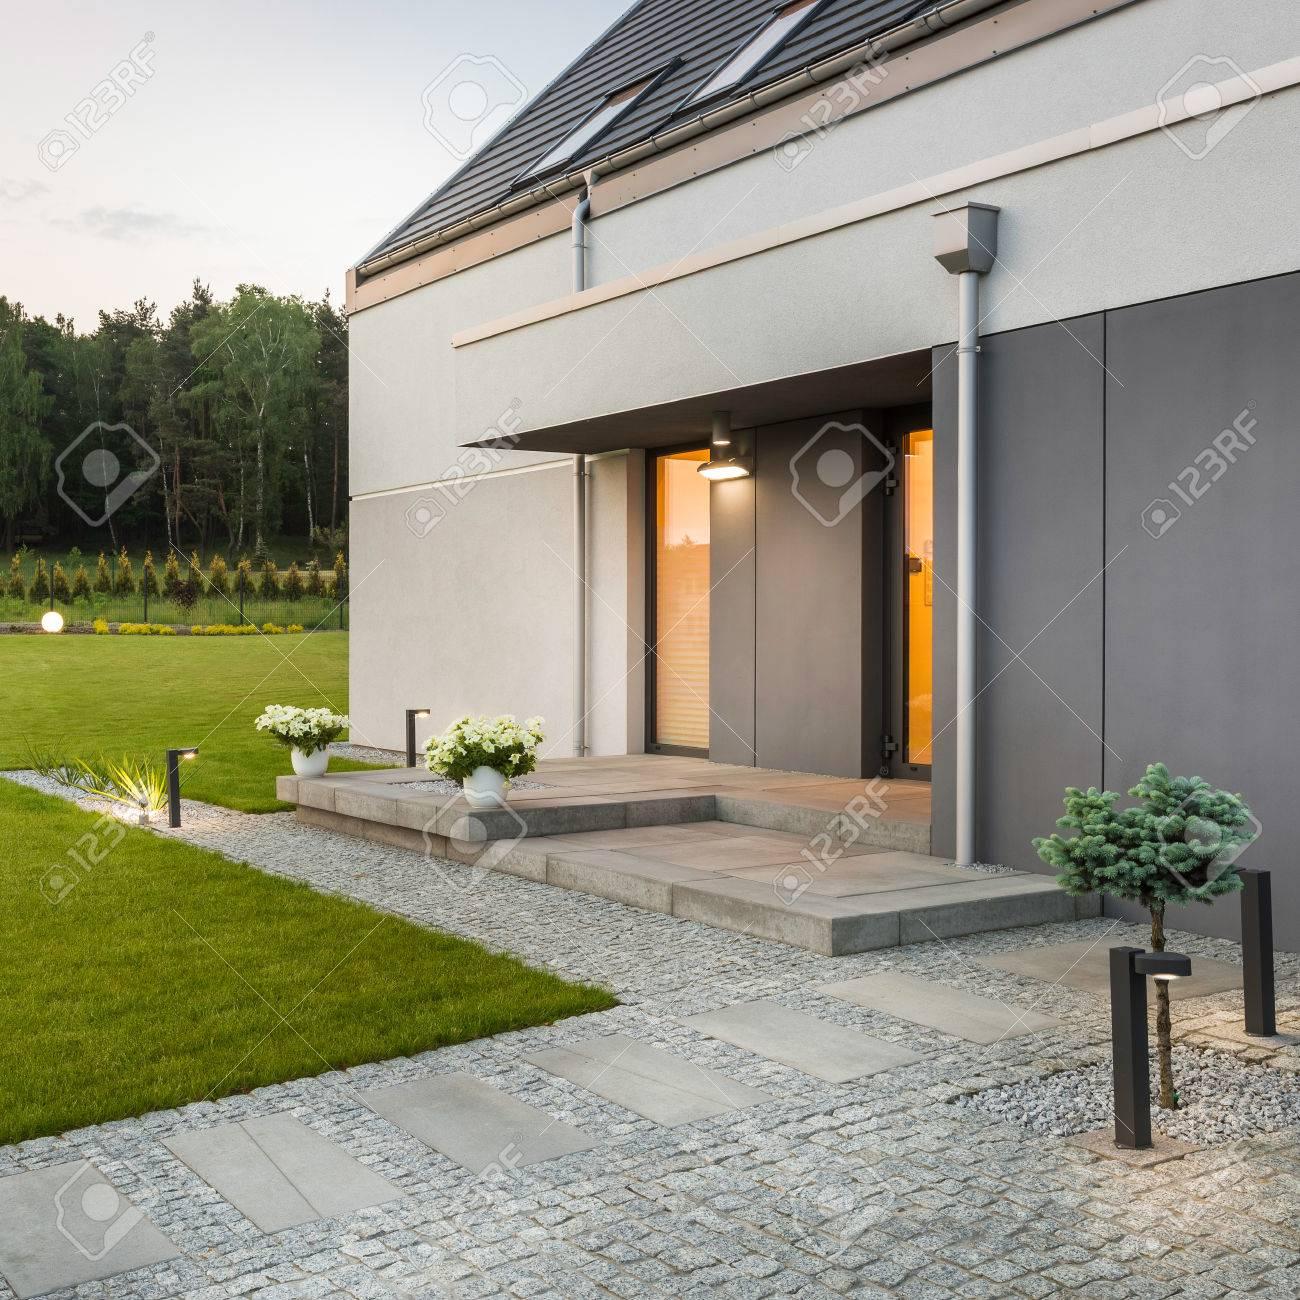 Maison moderne avec jardin simple et éclairage extérieur décoratif